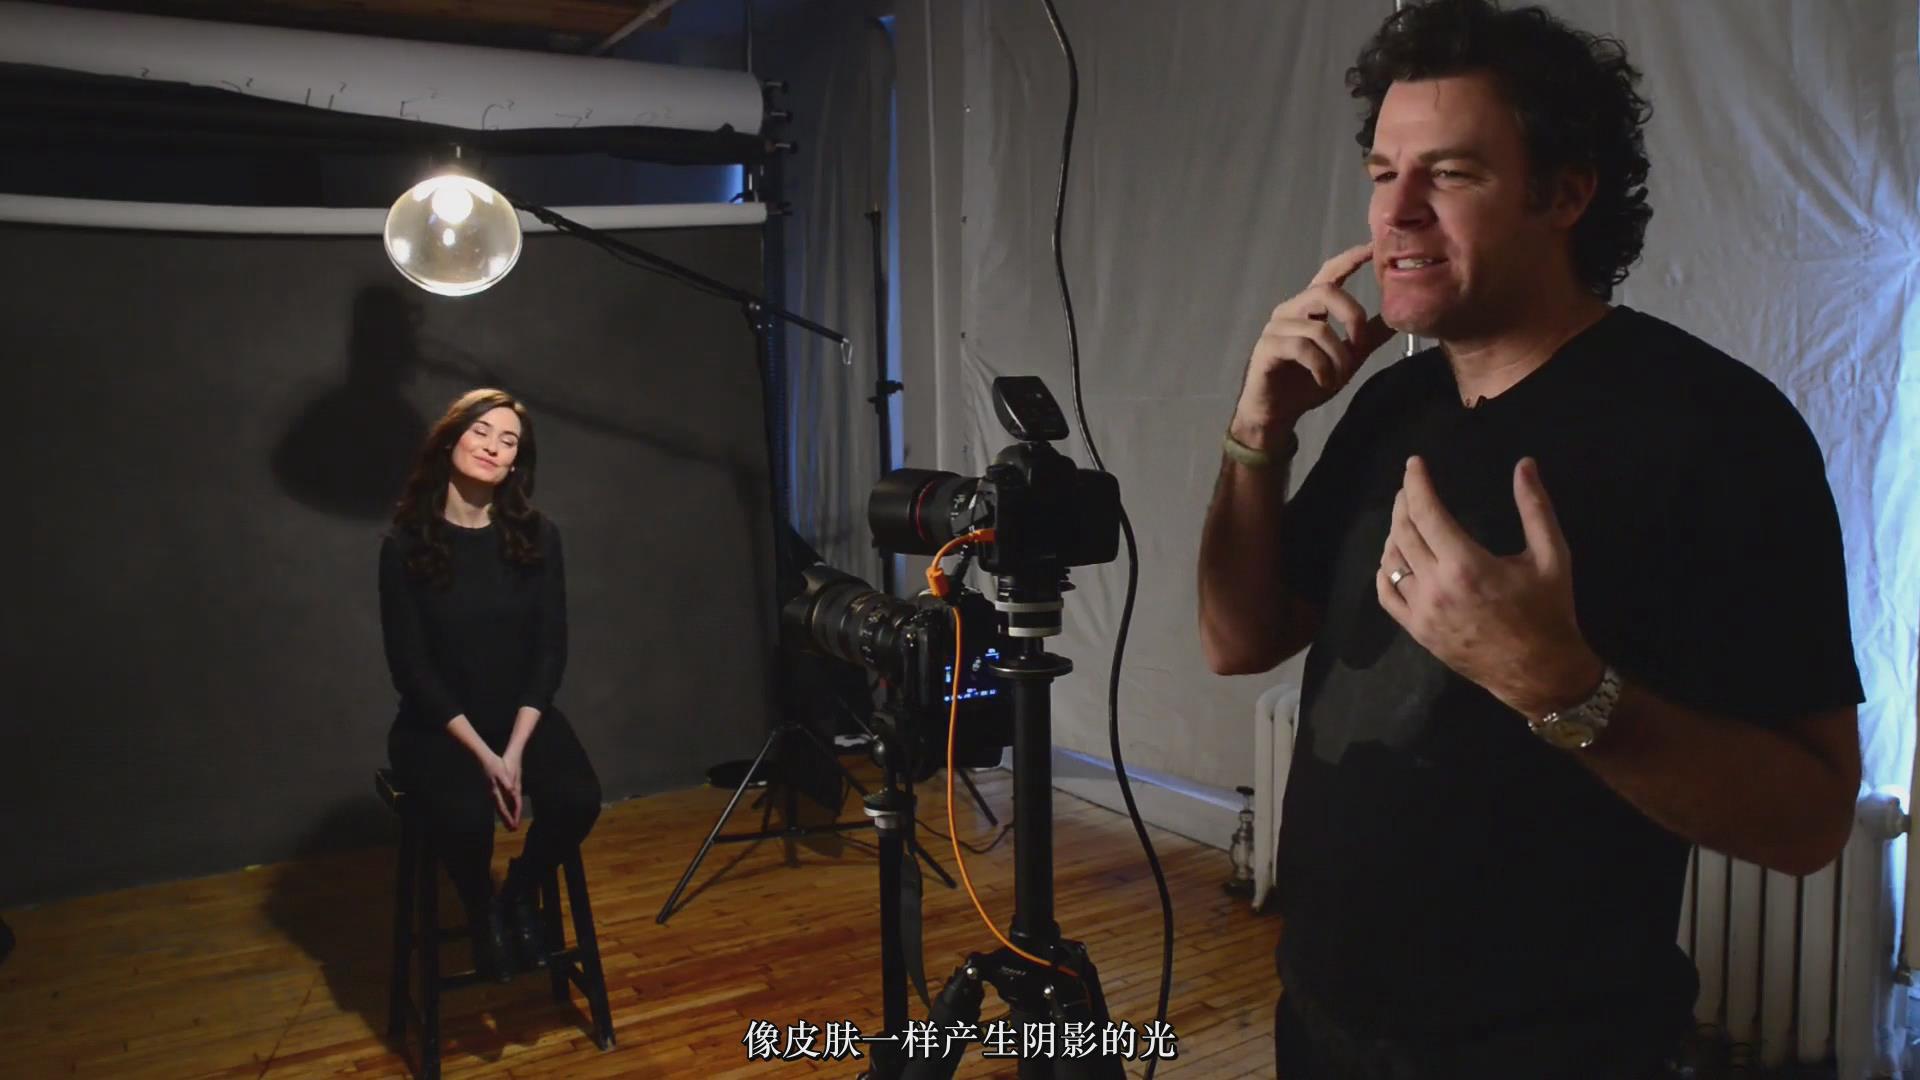 摄影教程_Fstoppers-彼得·赫利(Peter Hurley)完美头像人像面部布光教程-中文字幕 摄影教程 _预览图6